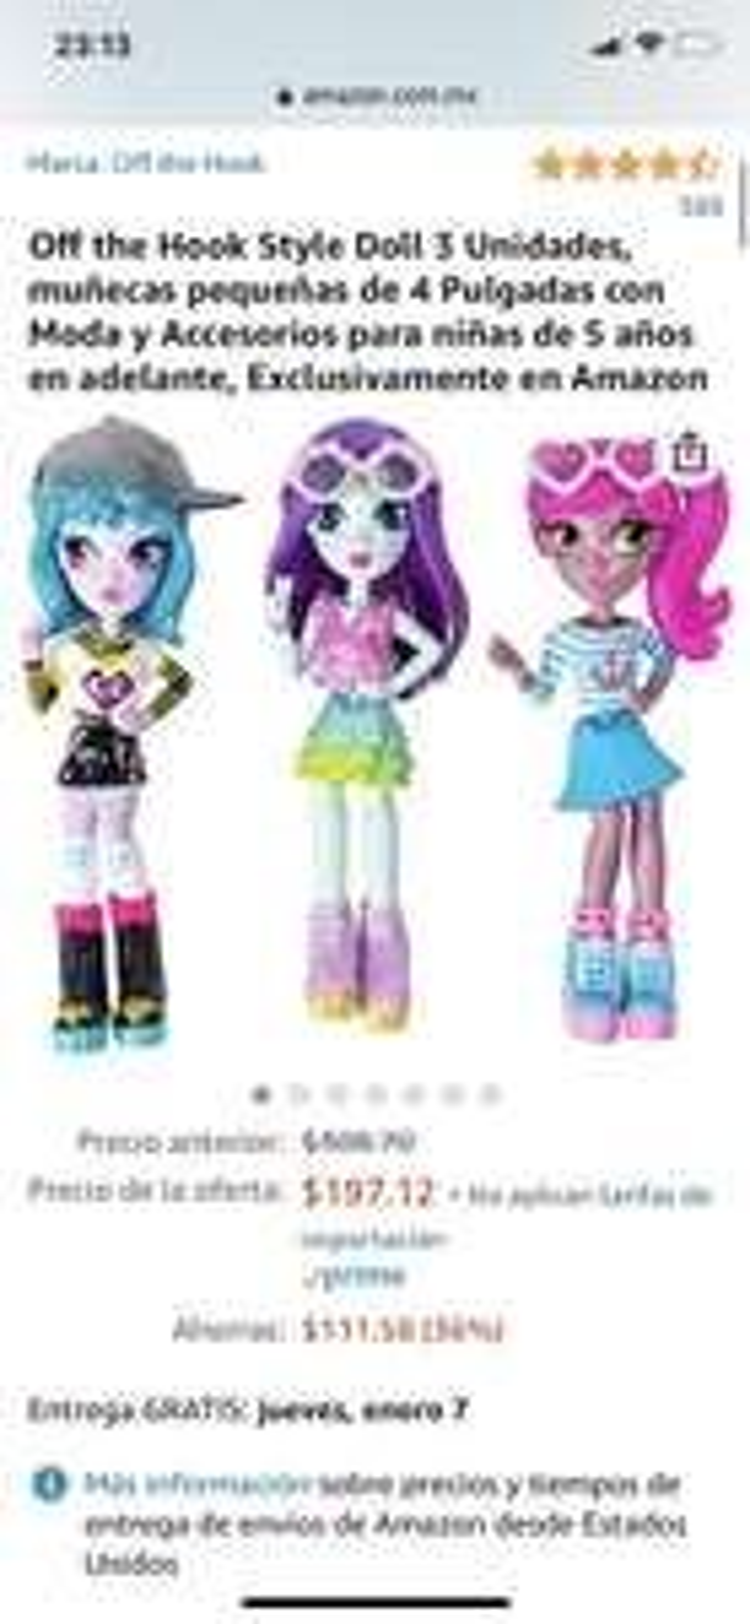 Amazon: Off the Hook Style Doll 3 Unidades, muñecas pequeñas de 4 Pulgadas con Moda y Accesorios para niñas de 5 años